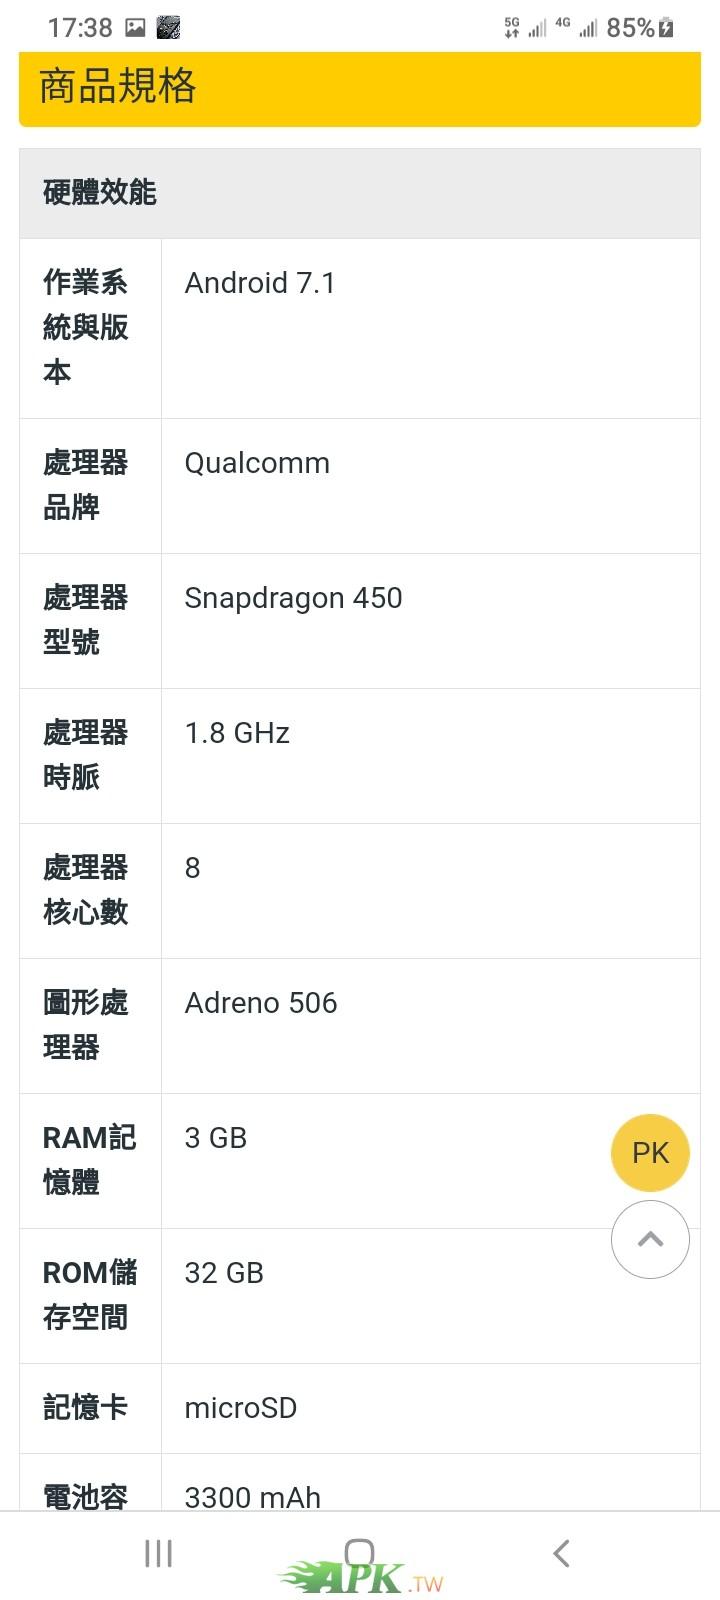 Screenshot_20210127-173835_Chrome.jpg